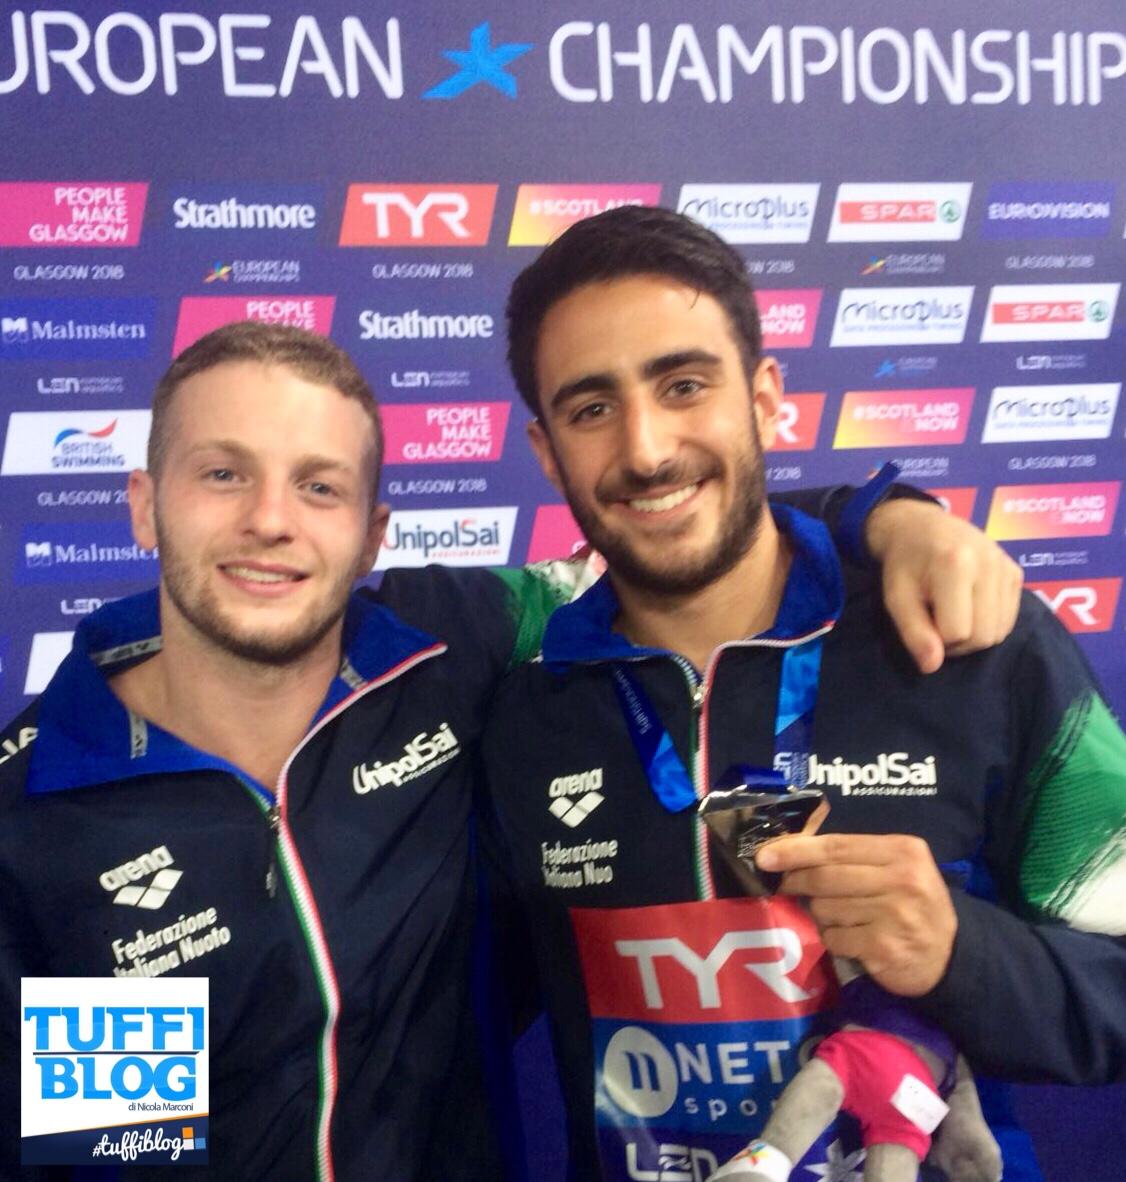 European Championships: Edimburgo - Tocci, rimonta d'argento!!